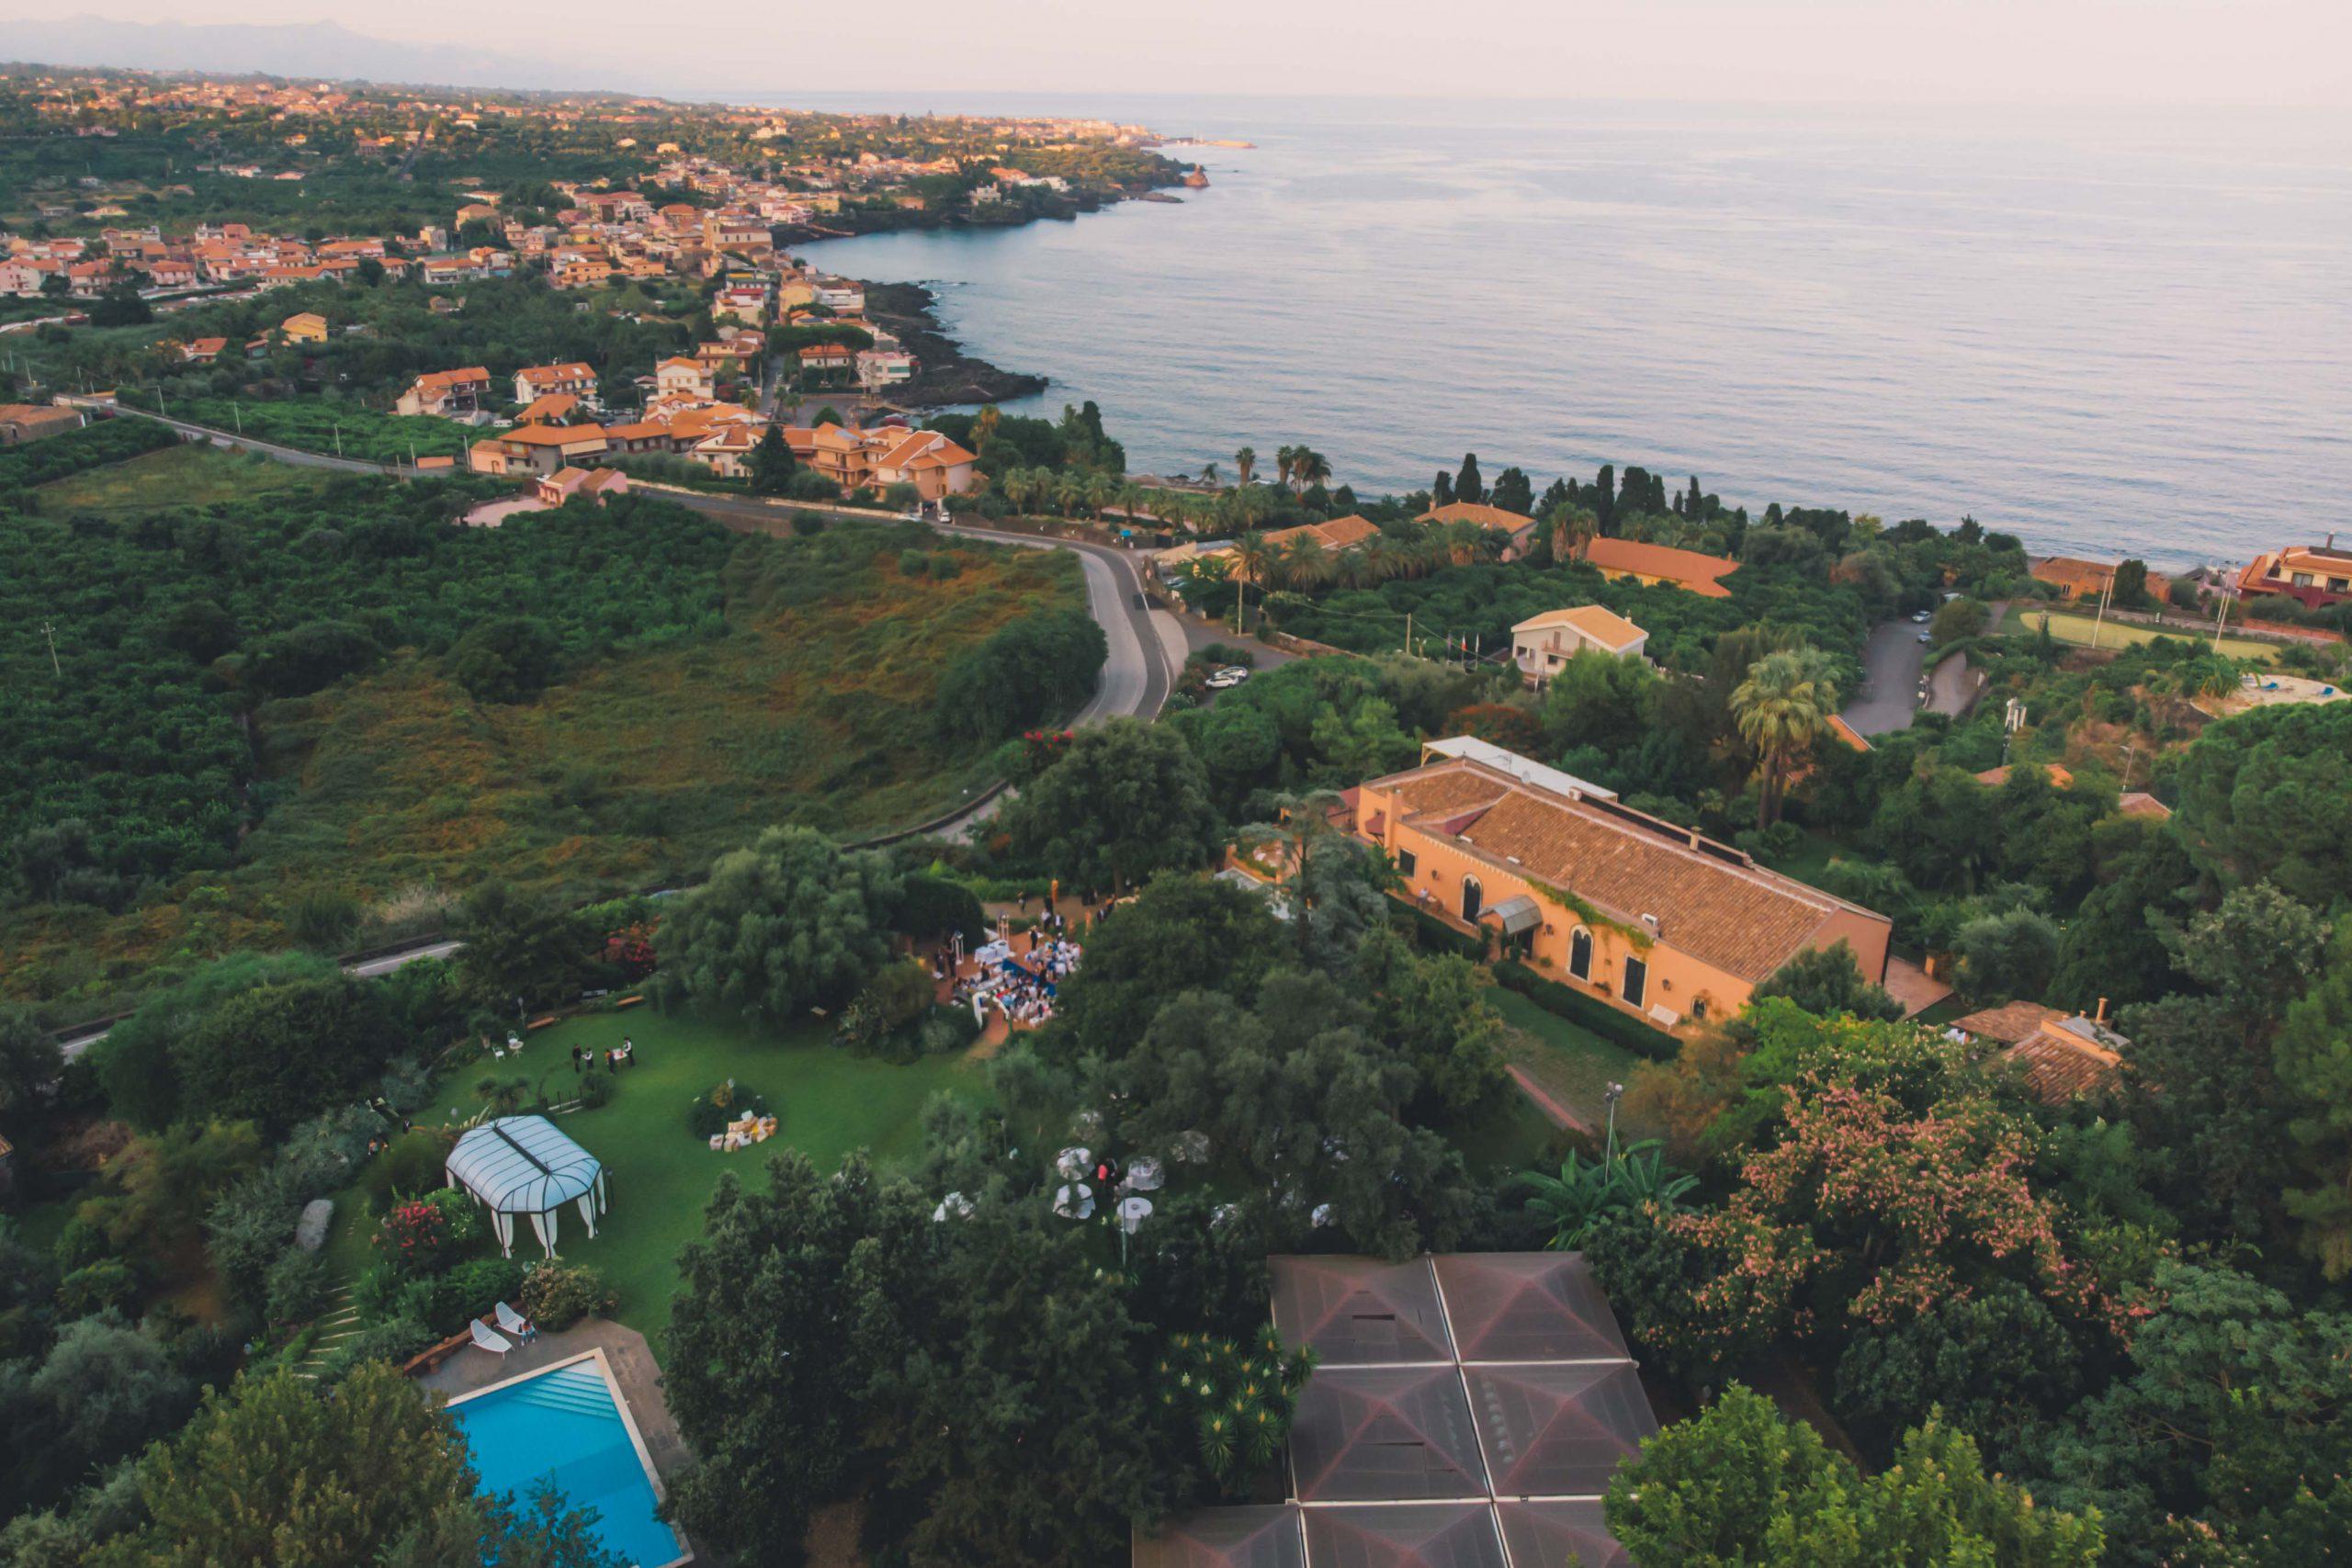 La vista del mare ci ricorda sempre che facciamo parte di un progetto più grande e nella sua immensità noi amiamo perderci. Da Villa Musmeci, preziosa dimora nel cuore della Sicilia Orientale, il panorama è semplicemente mozzafiato.